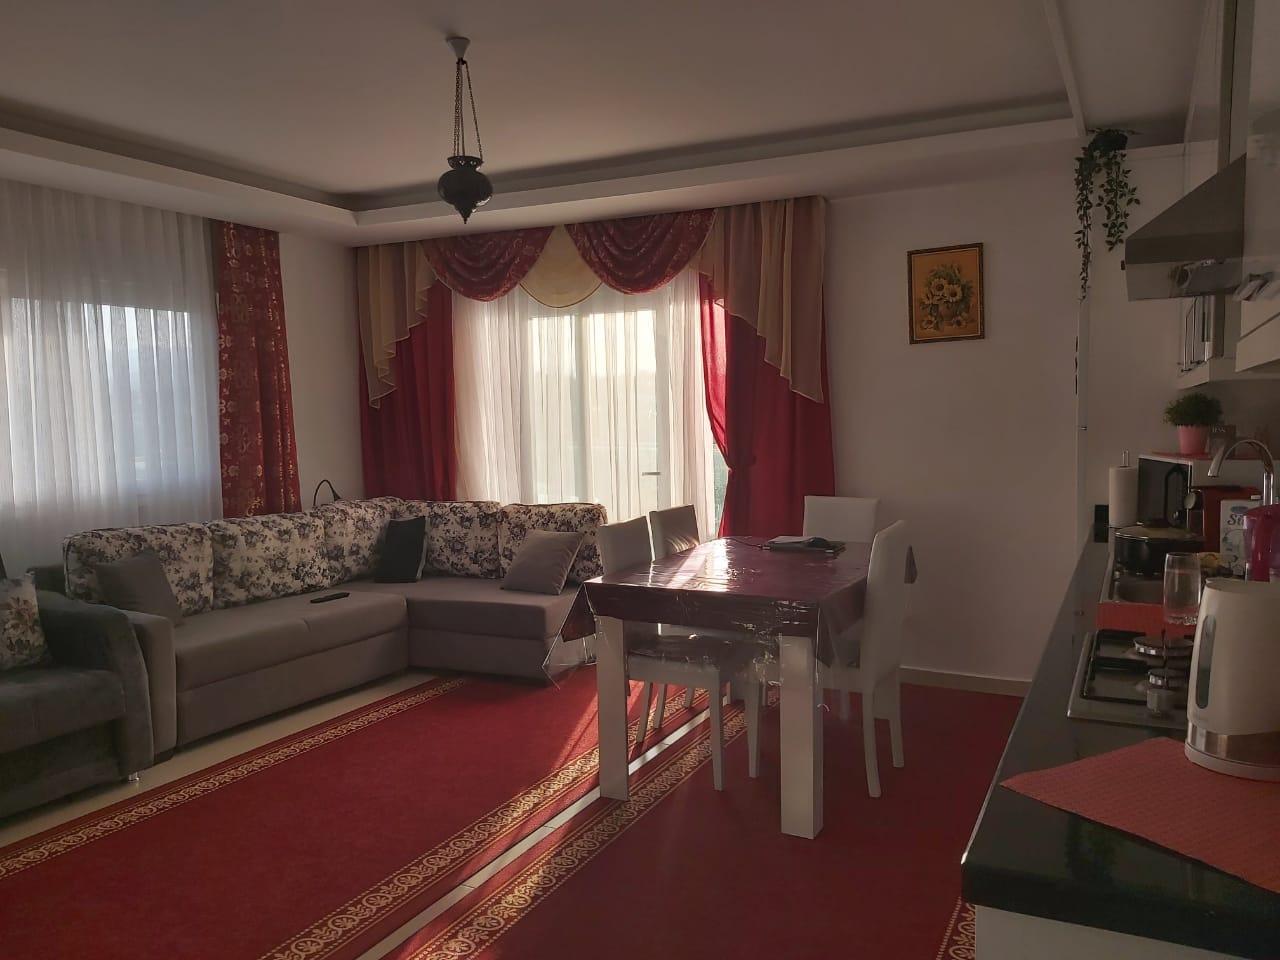 Меблированная квартира 1+1 в районе Авсаллар - Фото 11